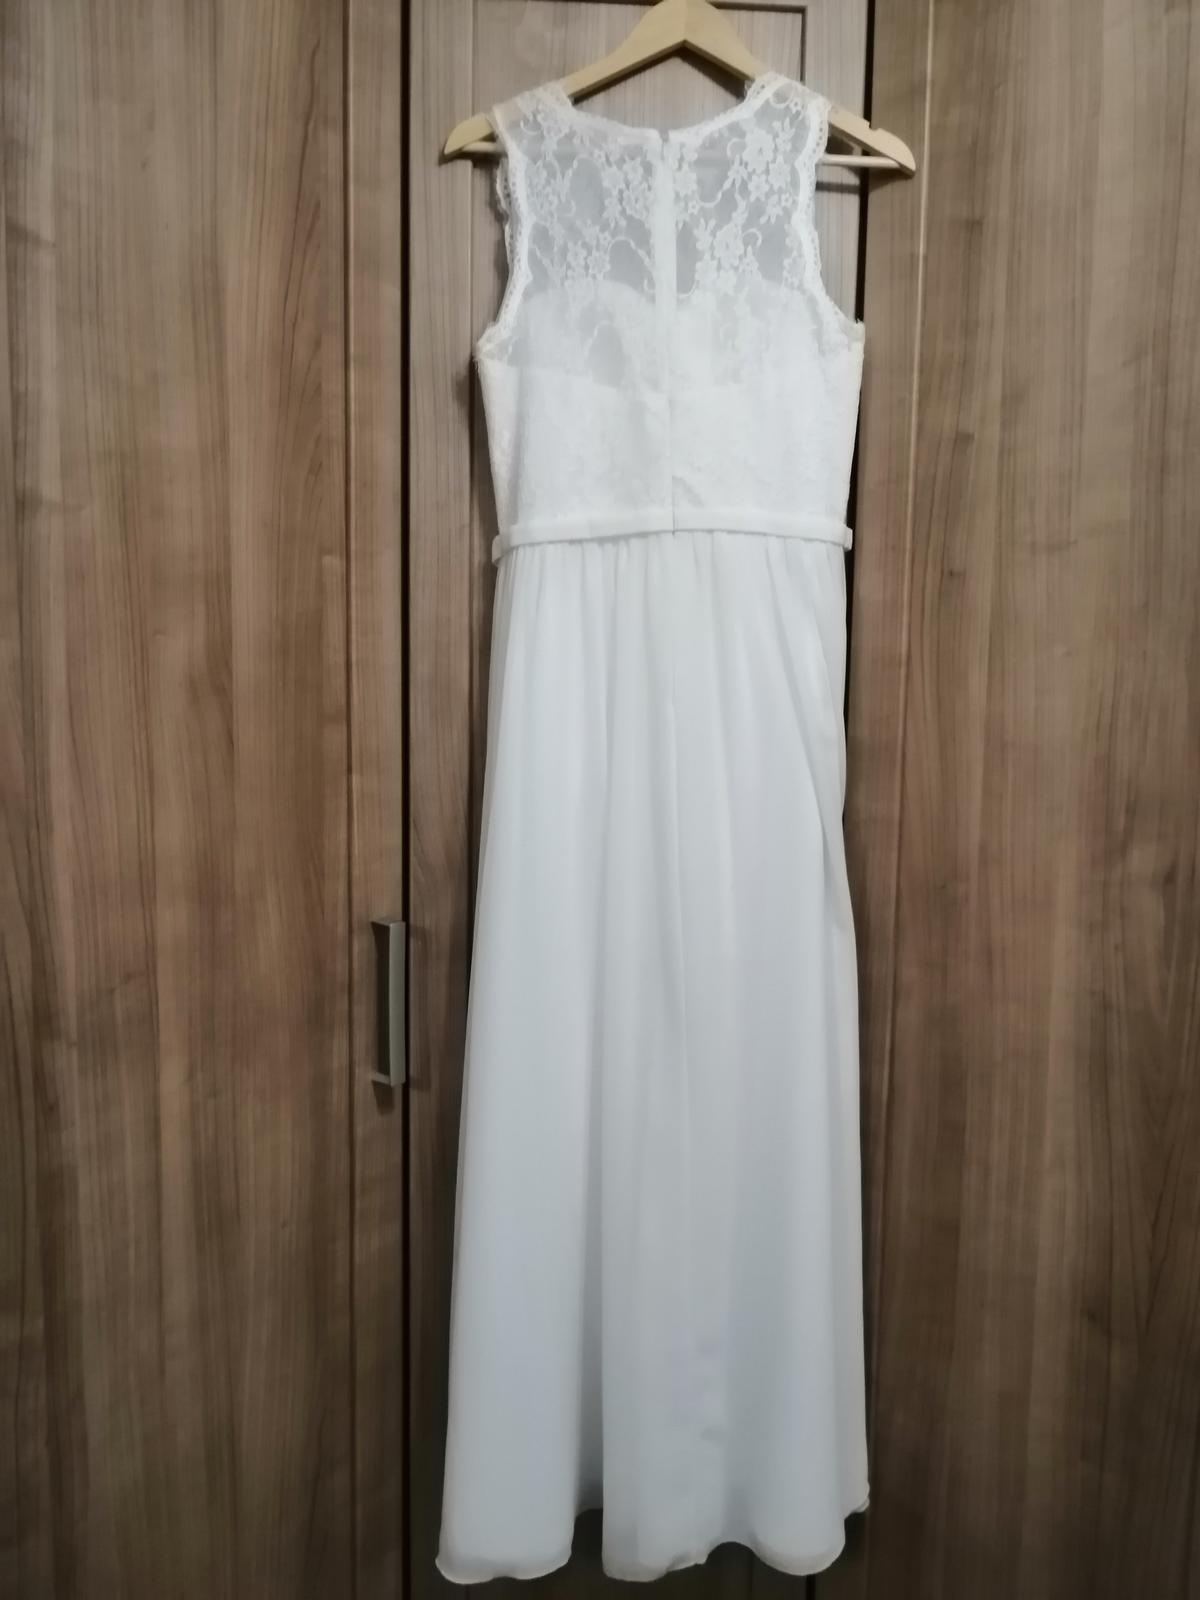 Svatební šaty - lehké boho styl - Obrázek č. 1